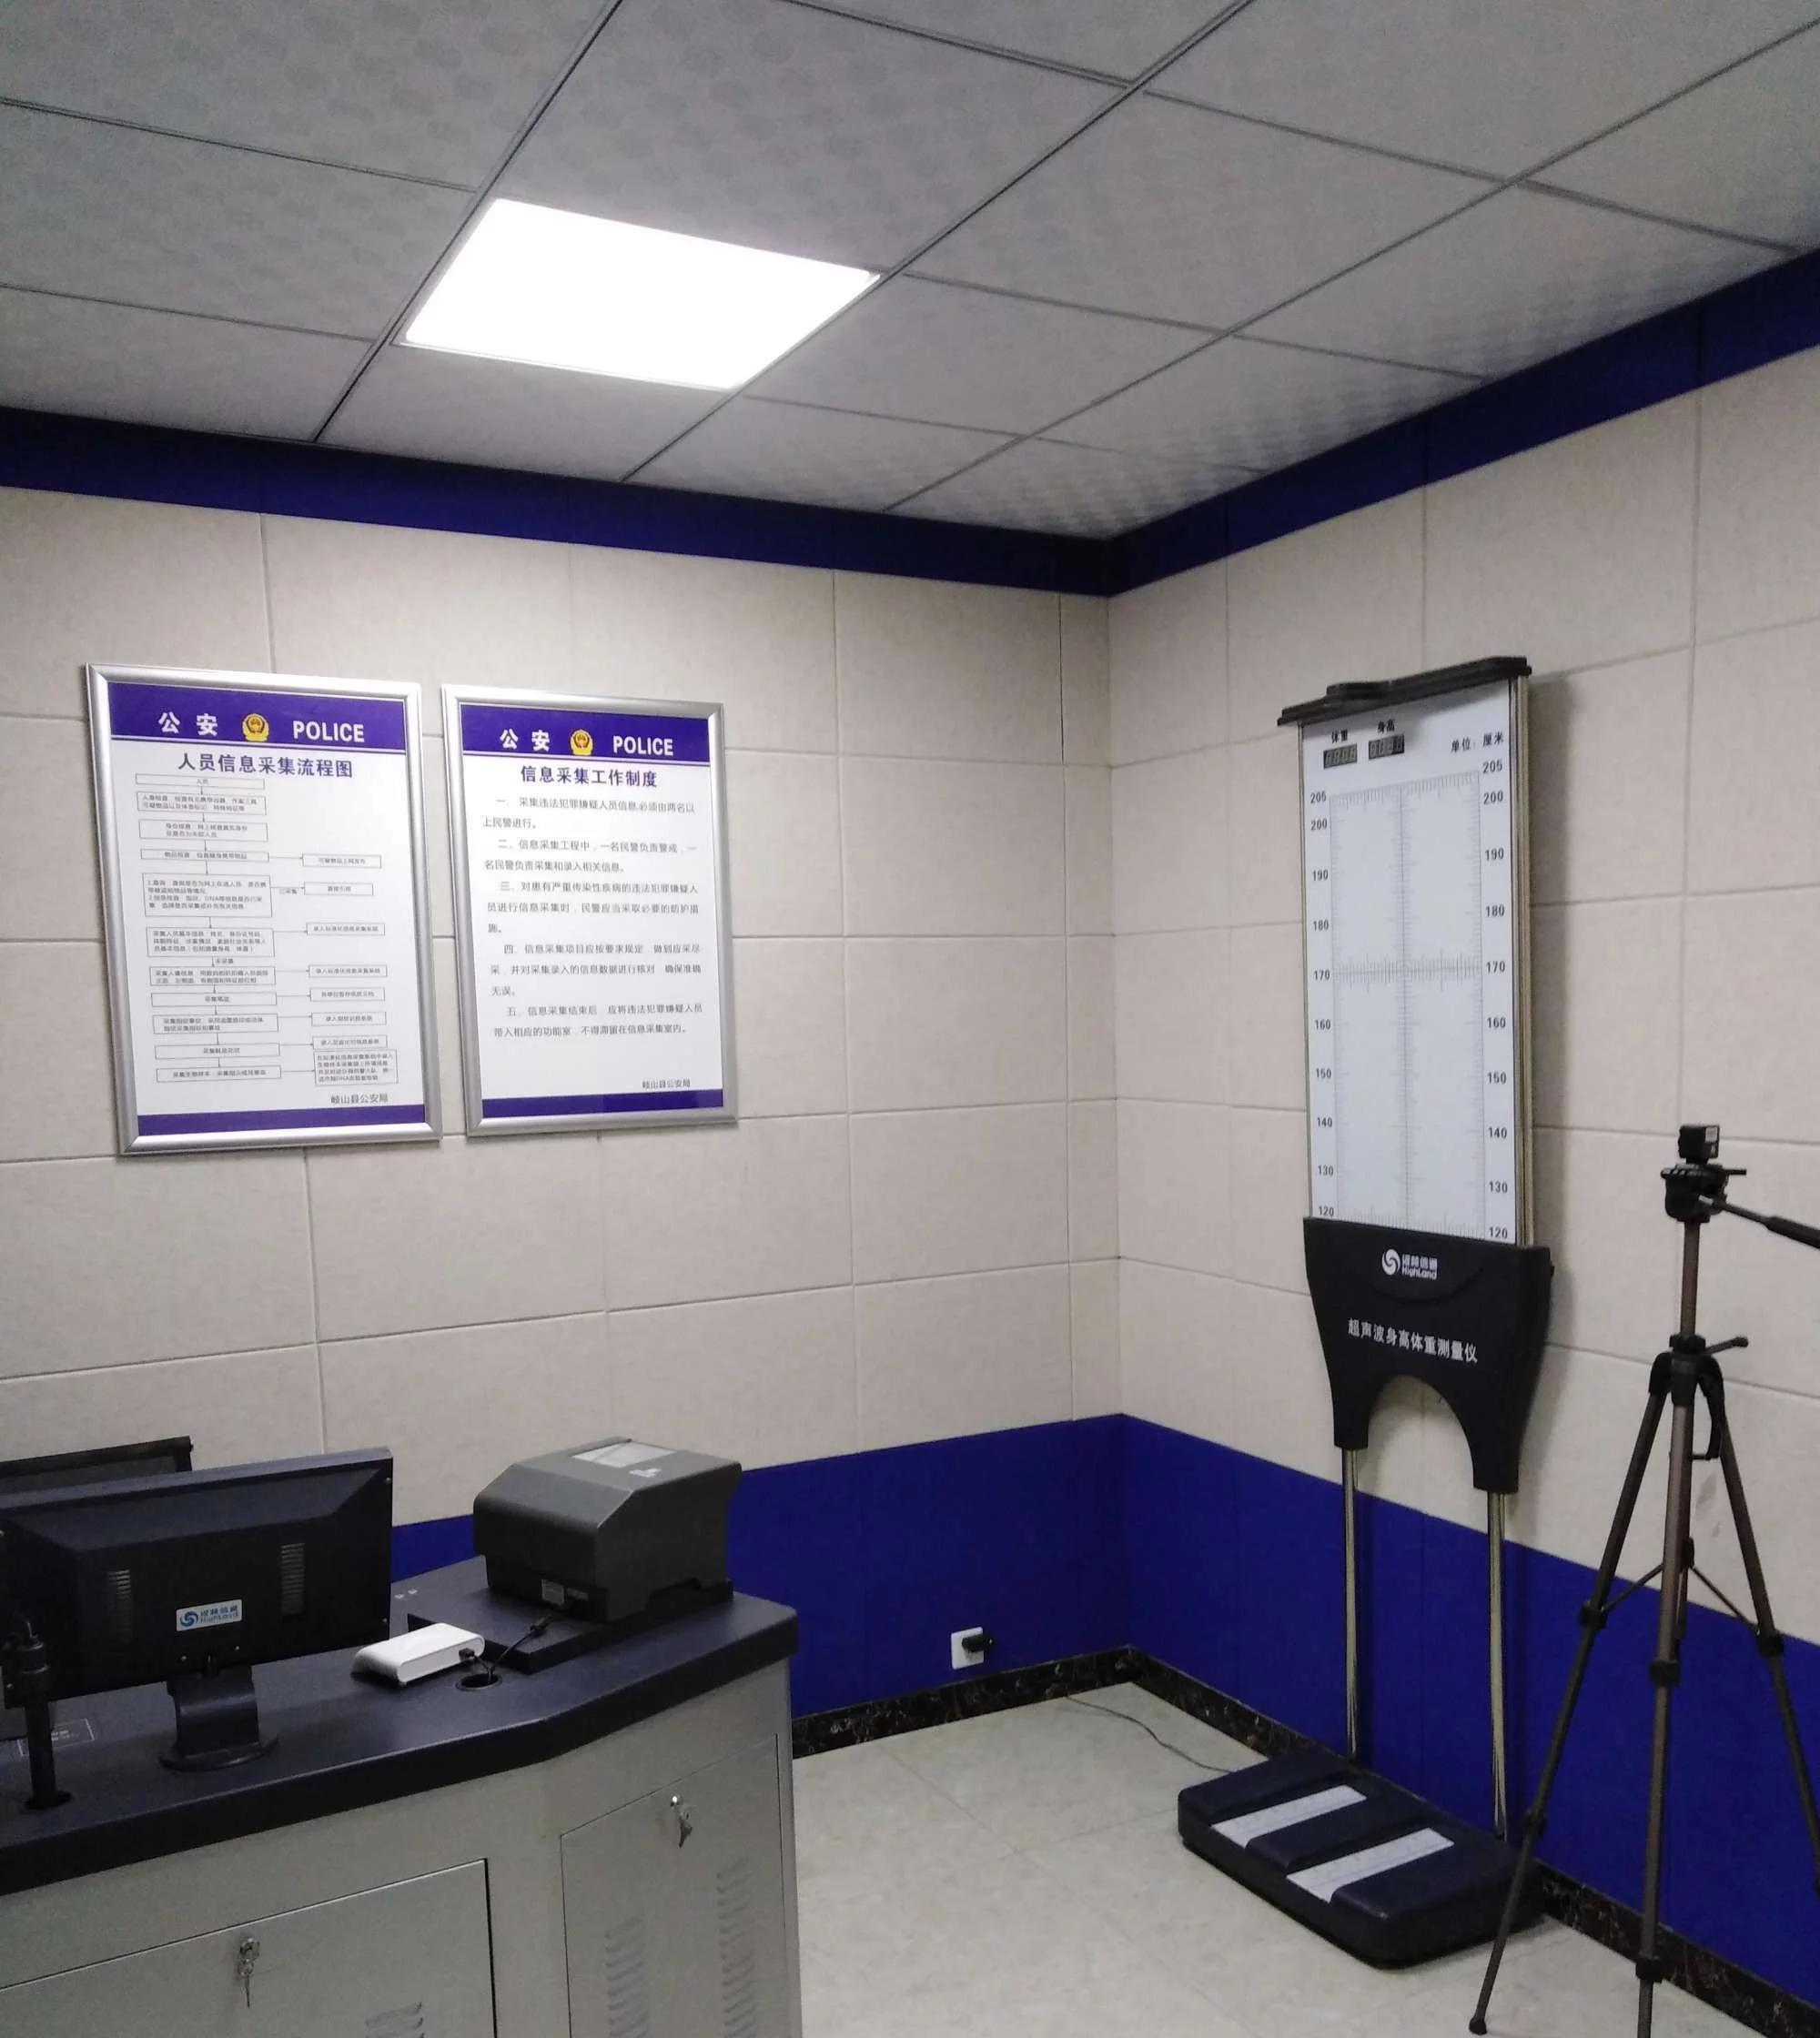 聚酯纤维吸音板 防撞软板 审讯室防撞软板